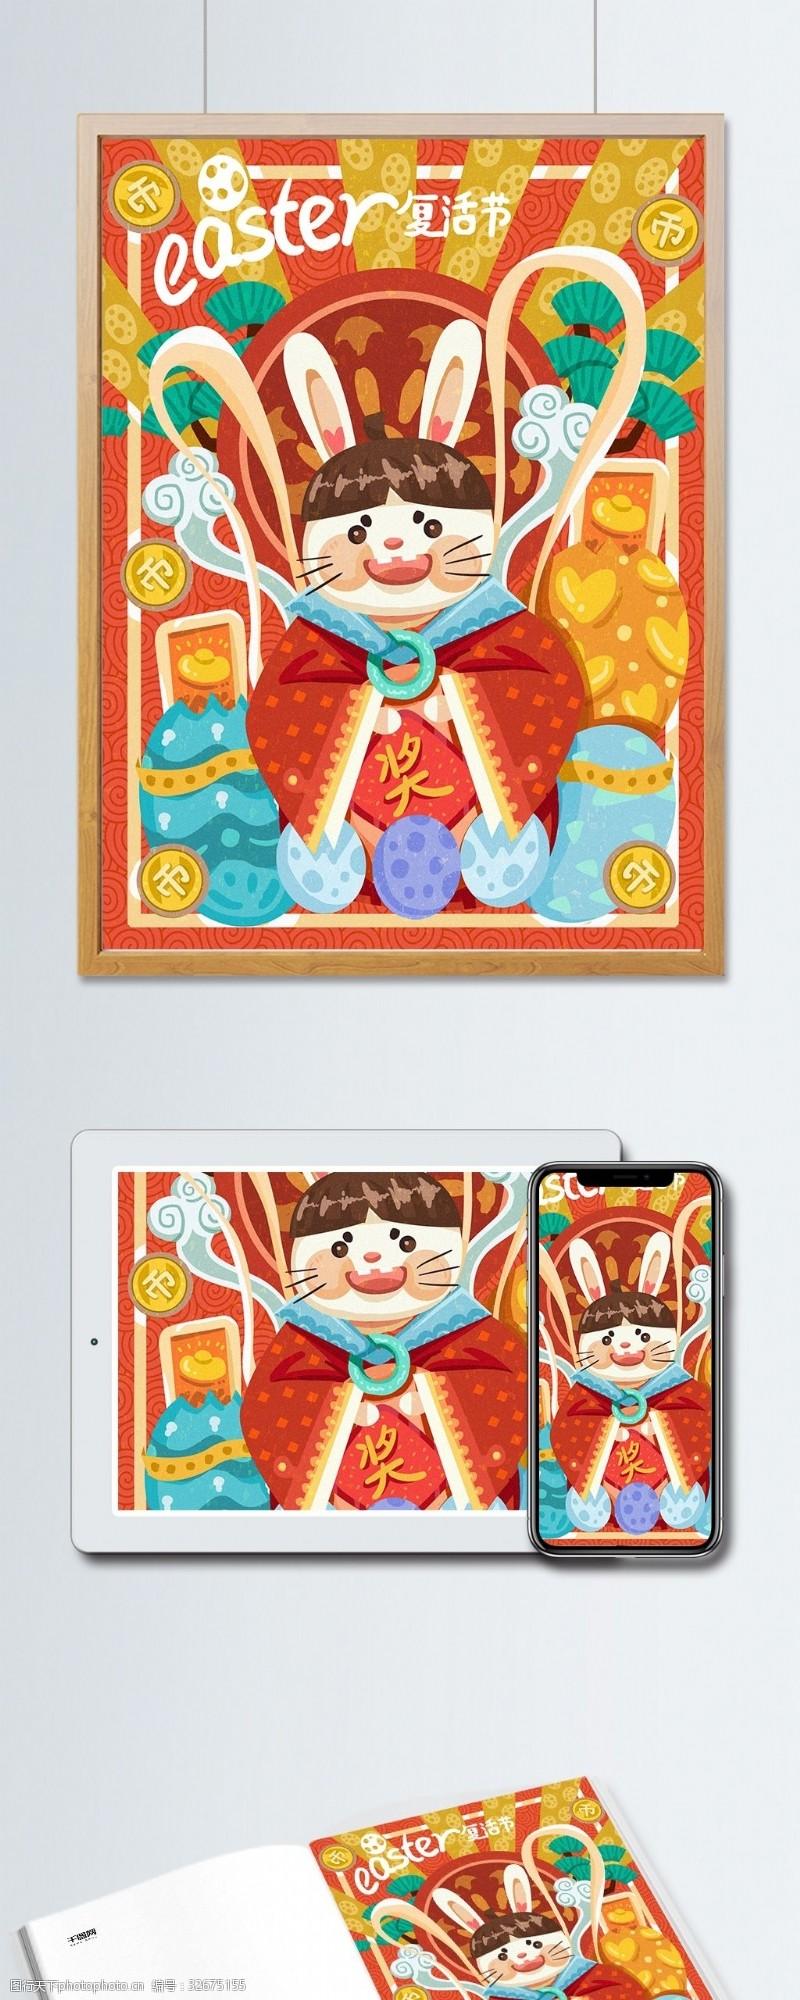 手机微信配图Q版肌理复活节海报背景兔子送福蛋